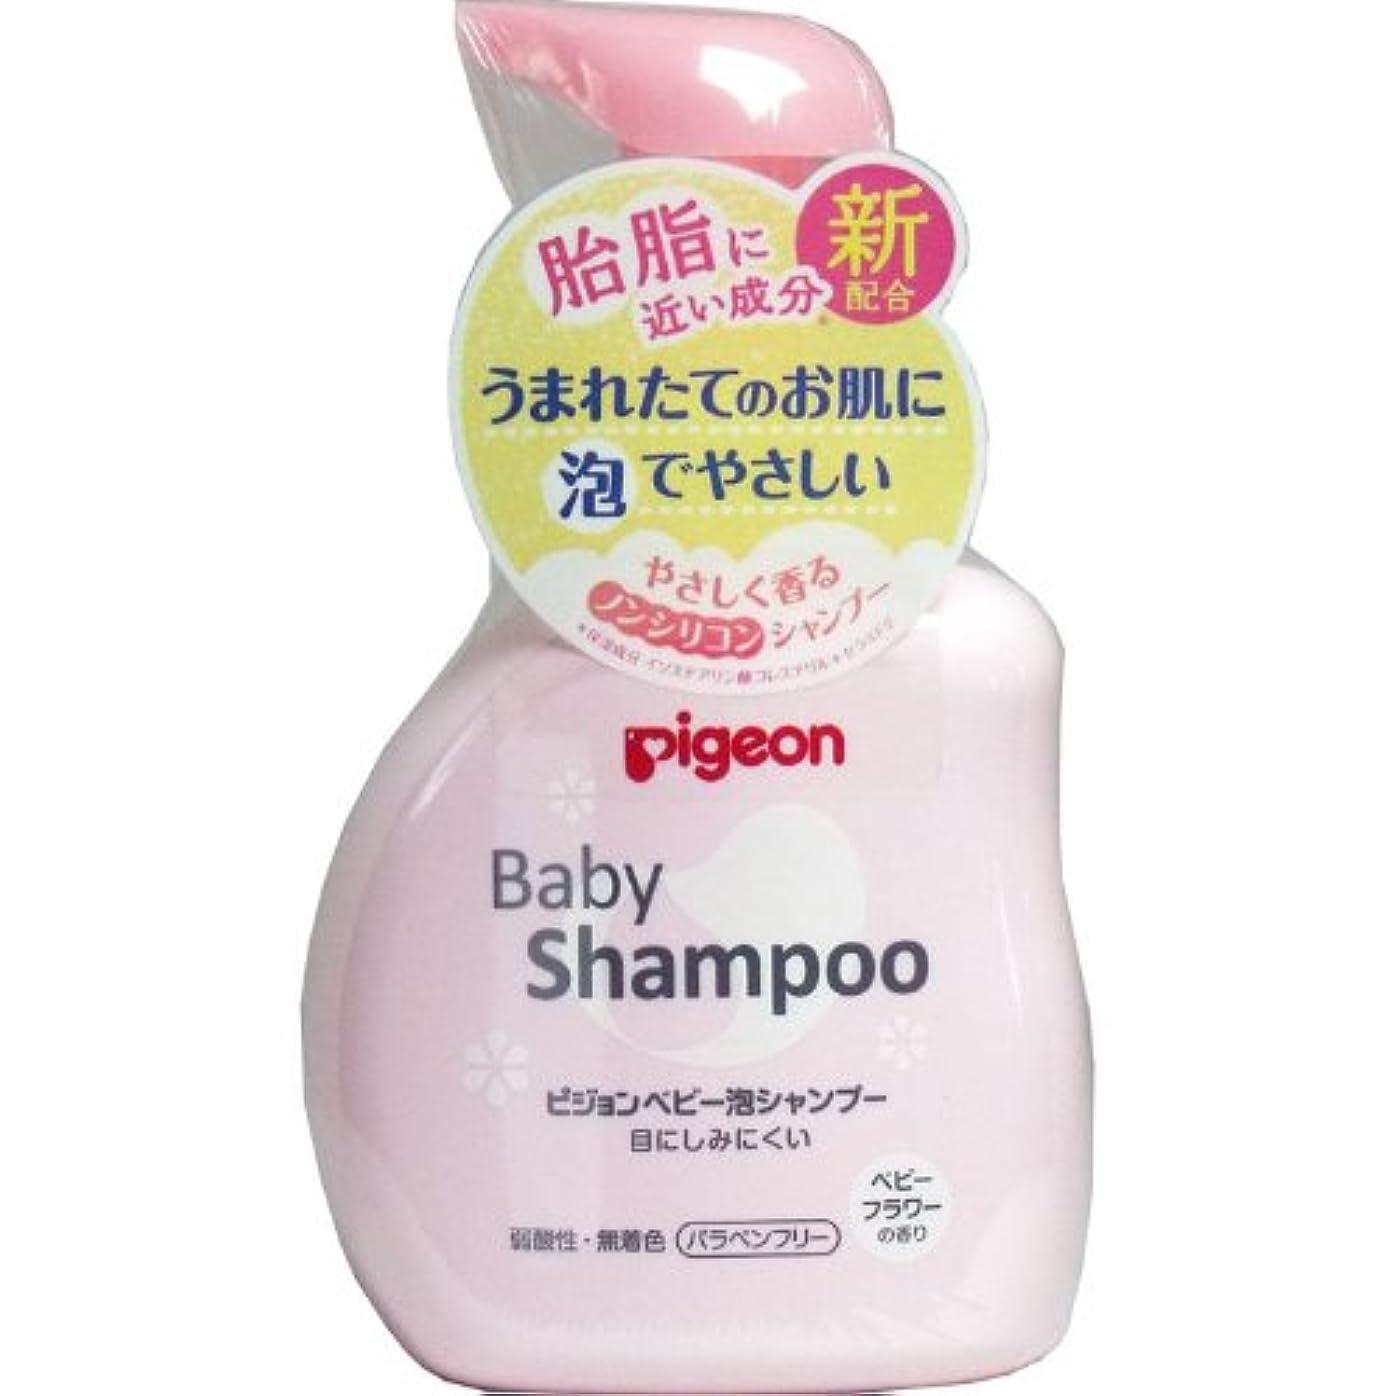 の量ペインうれしいスキンケア ベビー ノンシリコン シャンプー ベビー 髪 うまれたてのお肌に泡でやさしい!ベビーフラワーの香り 本体 350mL